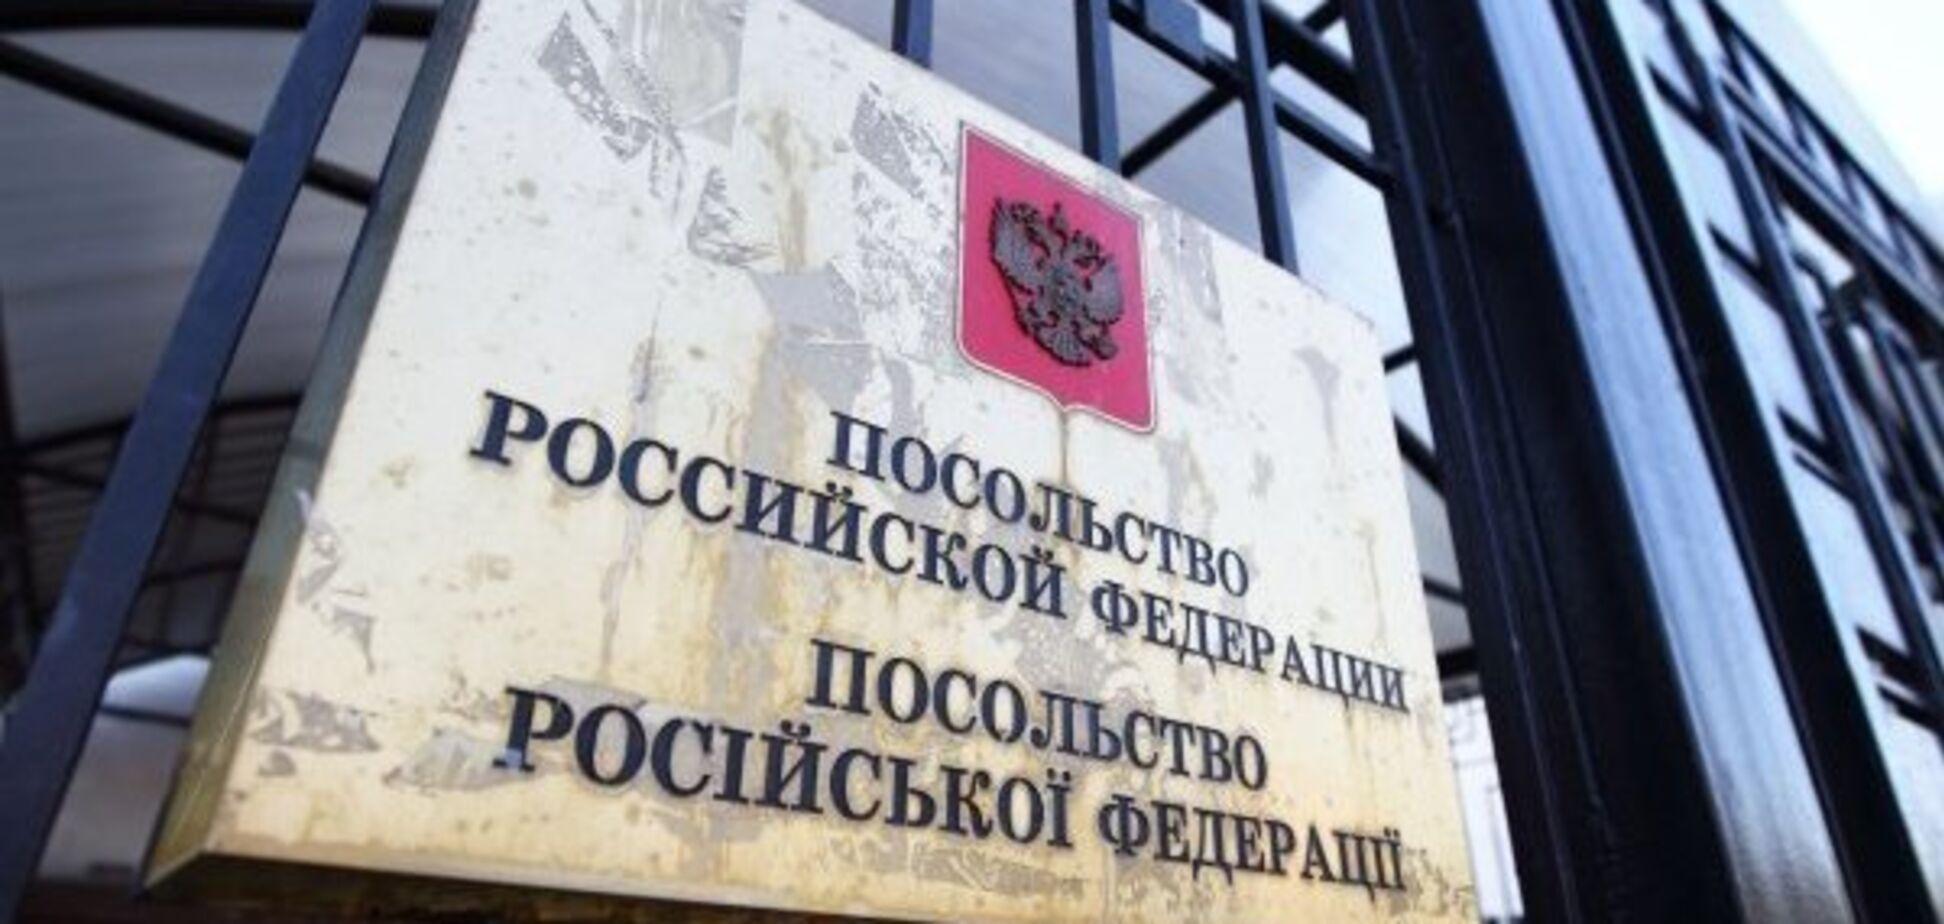 Хрести і опудало Путіна: стала відомою мета акції під посольством Росії у Києві